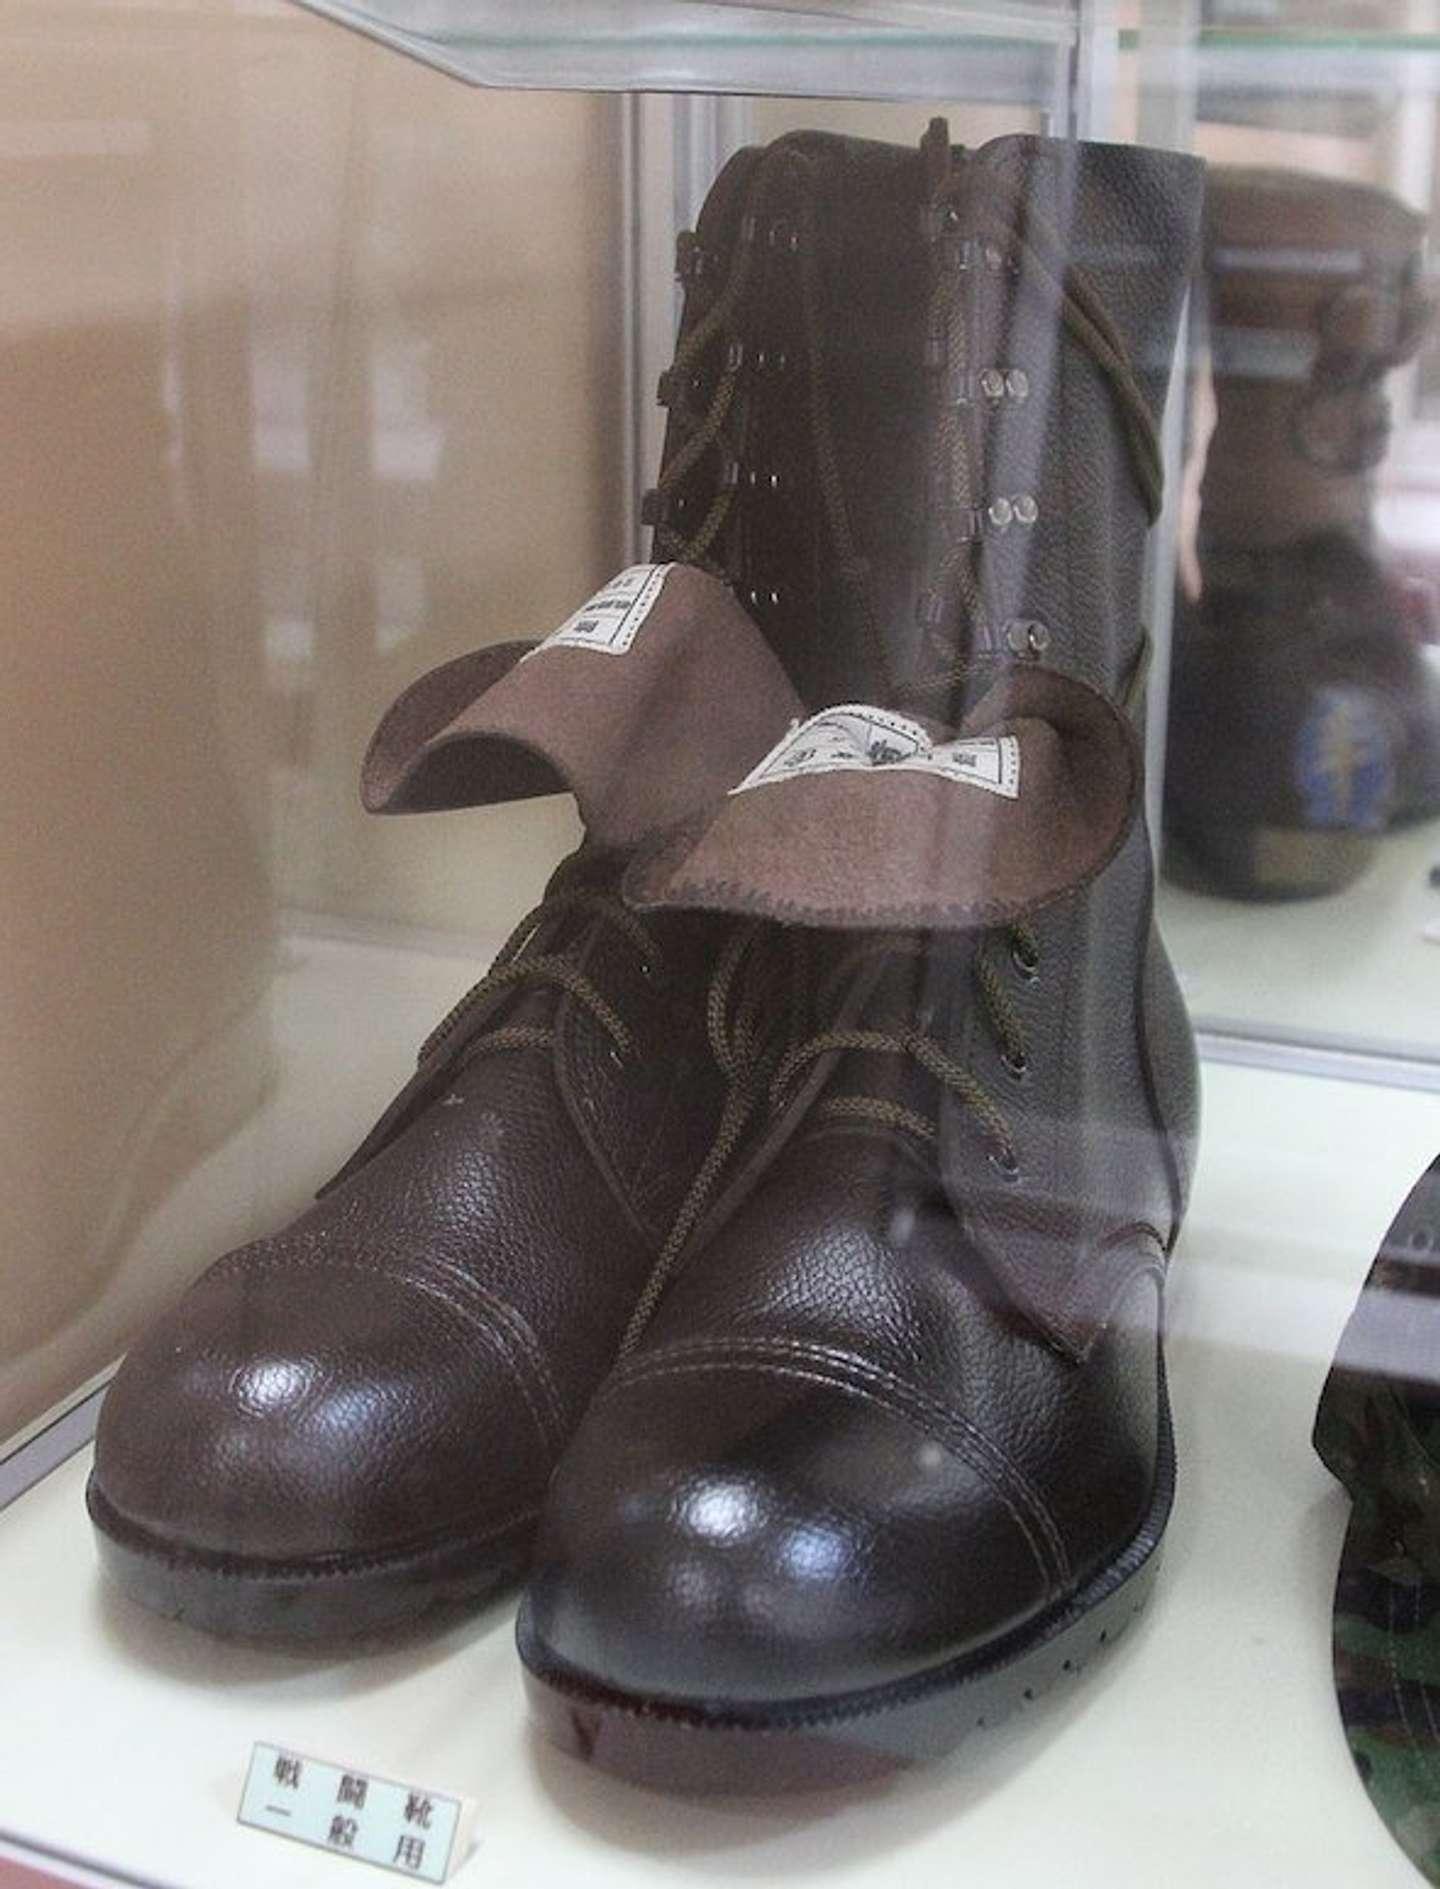 陸上自衛隊の戦闘装着セットとして納入された戦闘長靴(さくらゆい595821さん撮影、Wikimedia Commonsより)